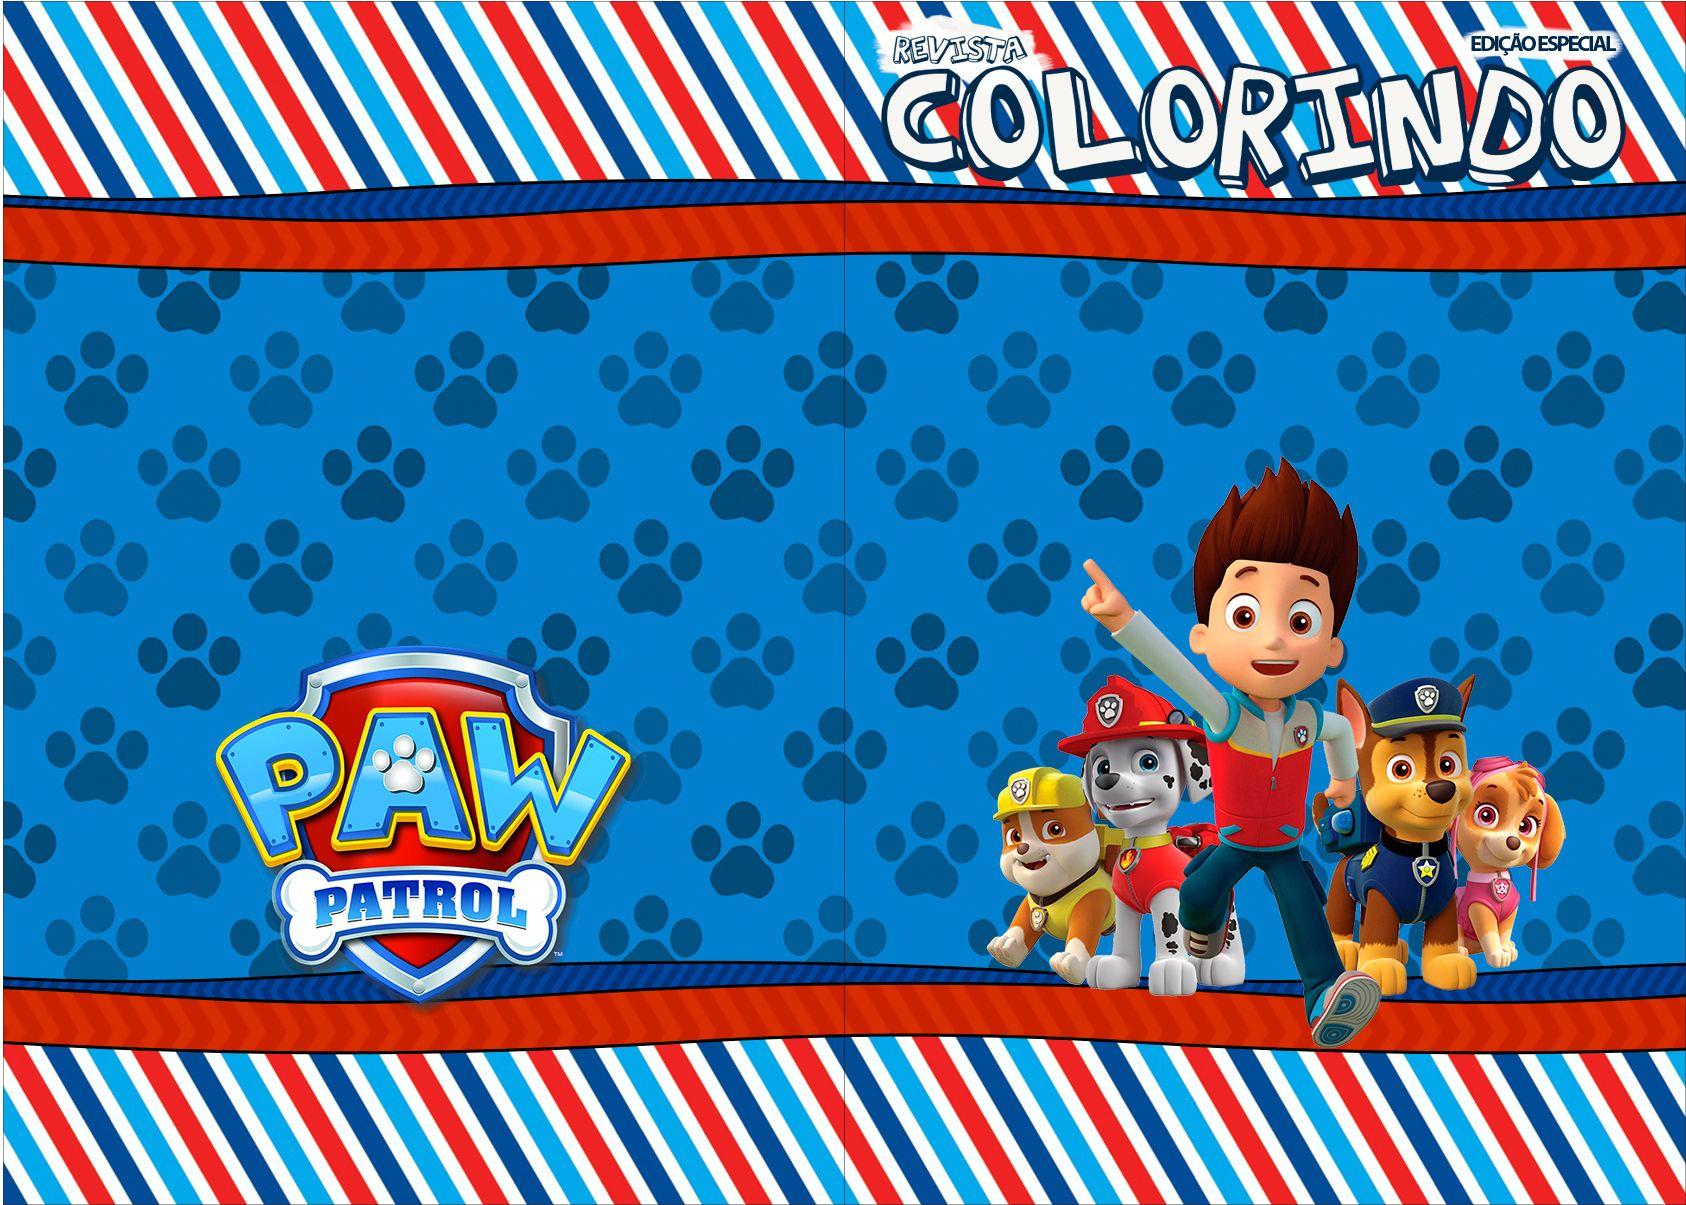 Capa Livrinho para Colorir do Patrulha Canina | Patrulha ...